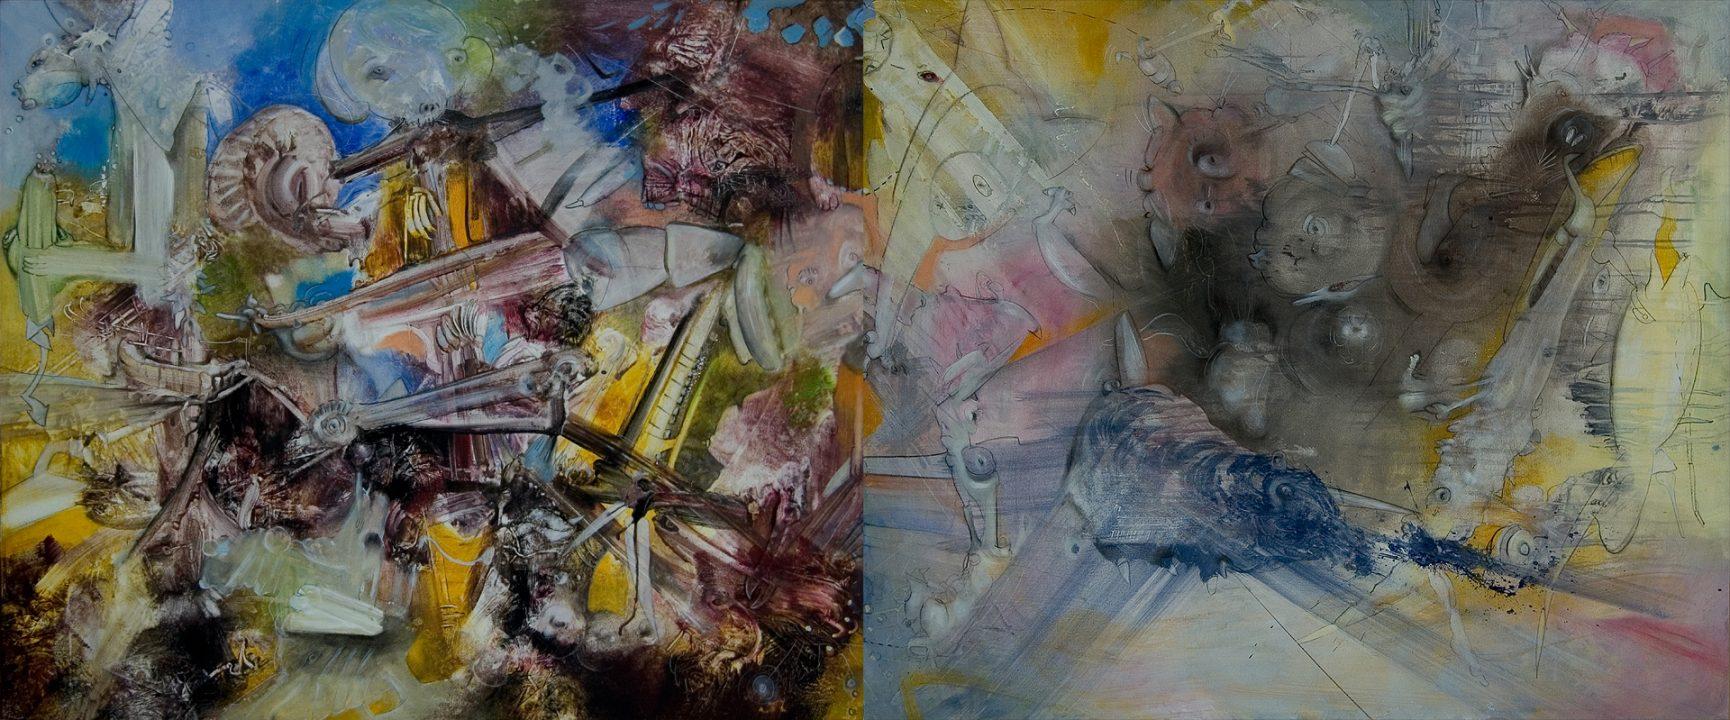 Transition _ 2004 _ Diptychon _ Acryl auf Baumwolle _ 100 x 240 cm